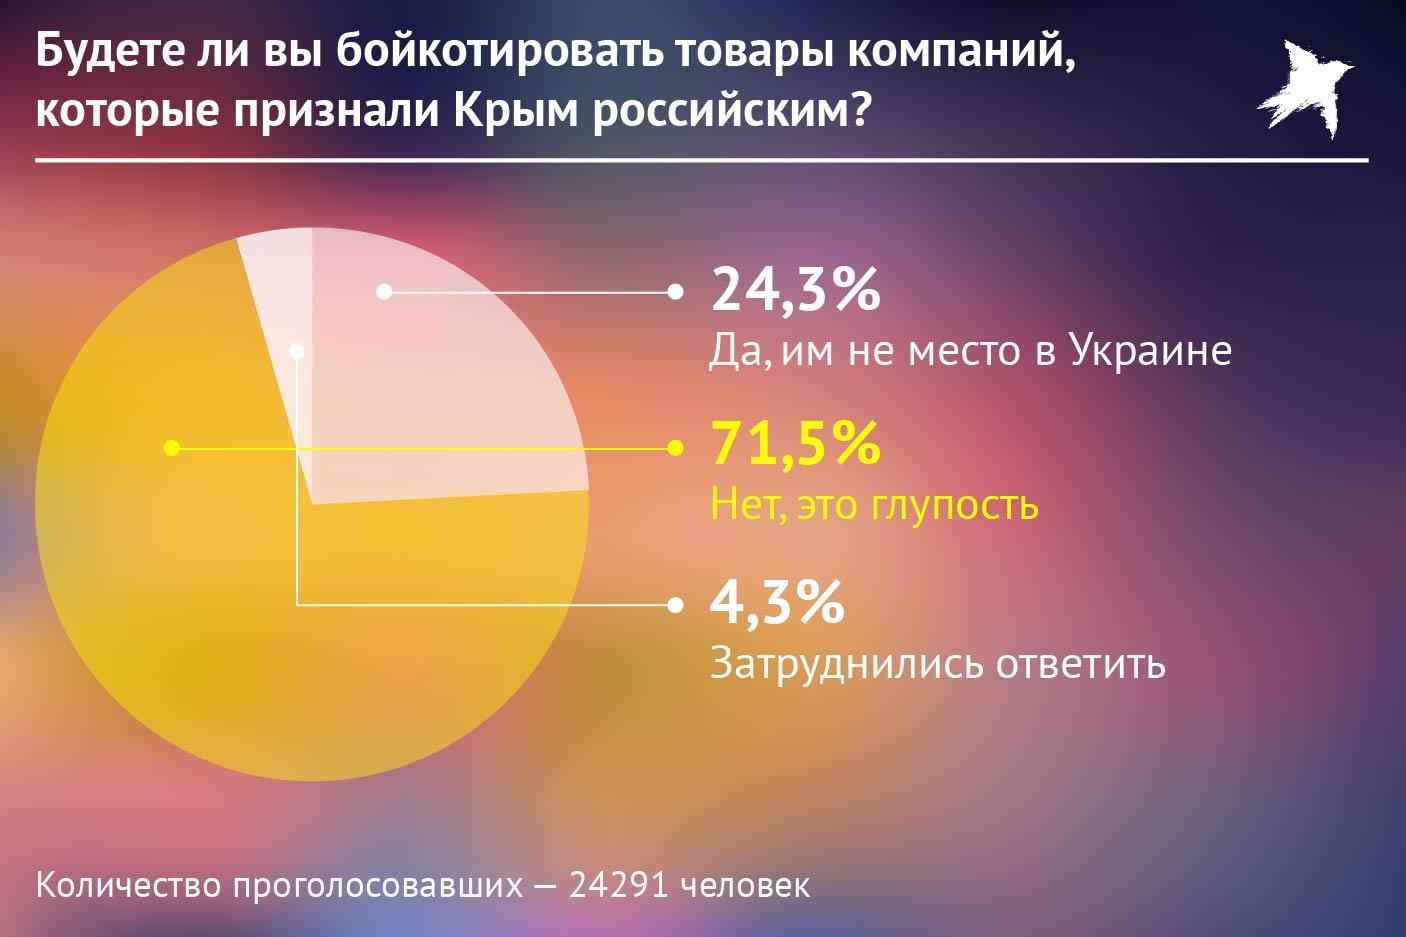 Опрос о бойкоте товаров из Крыма. Фото: Наиль ВАЛИУЛИН